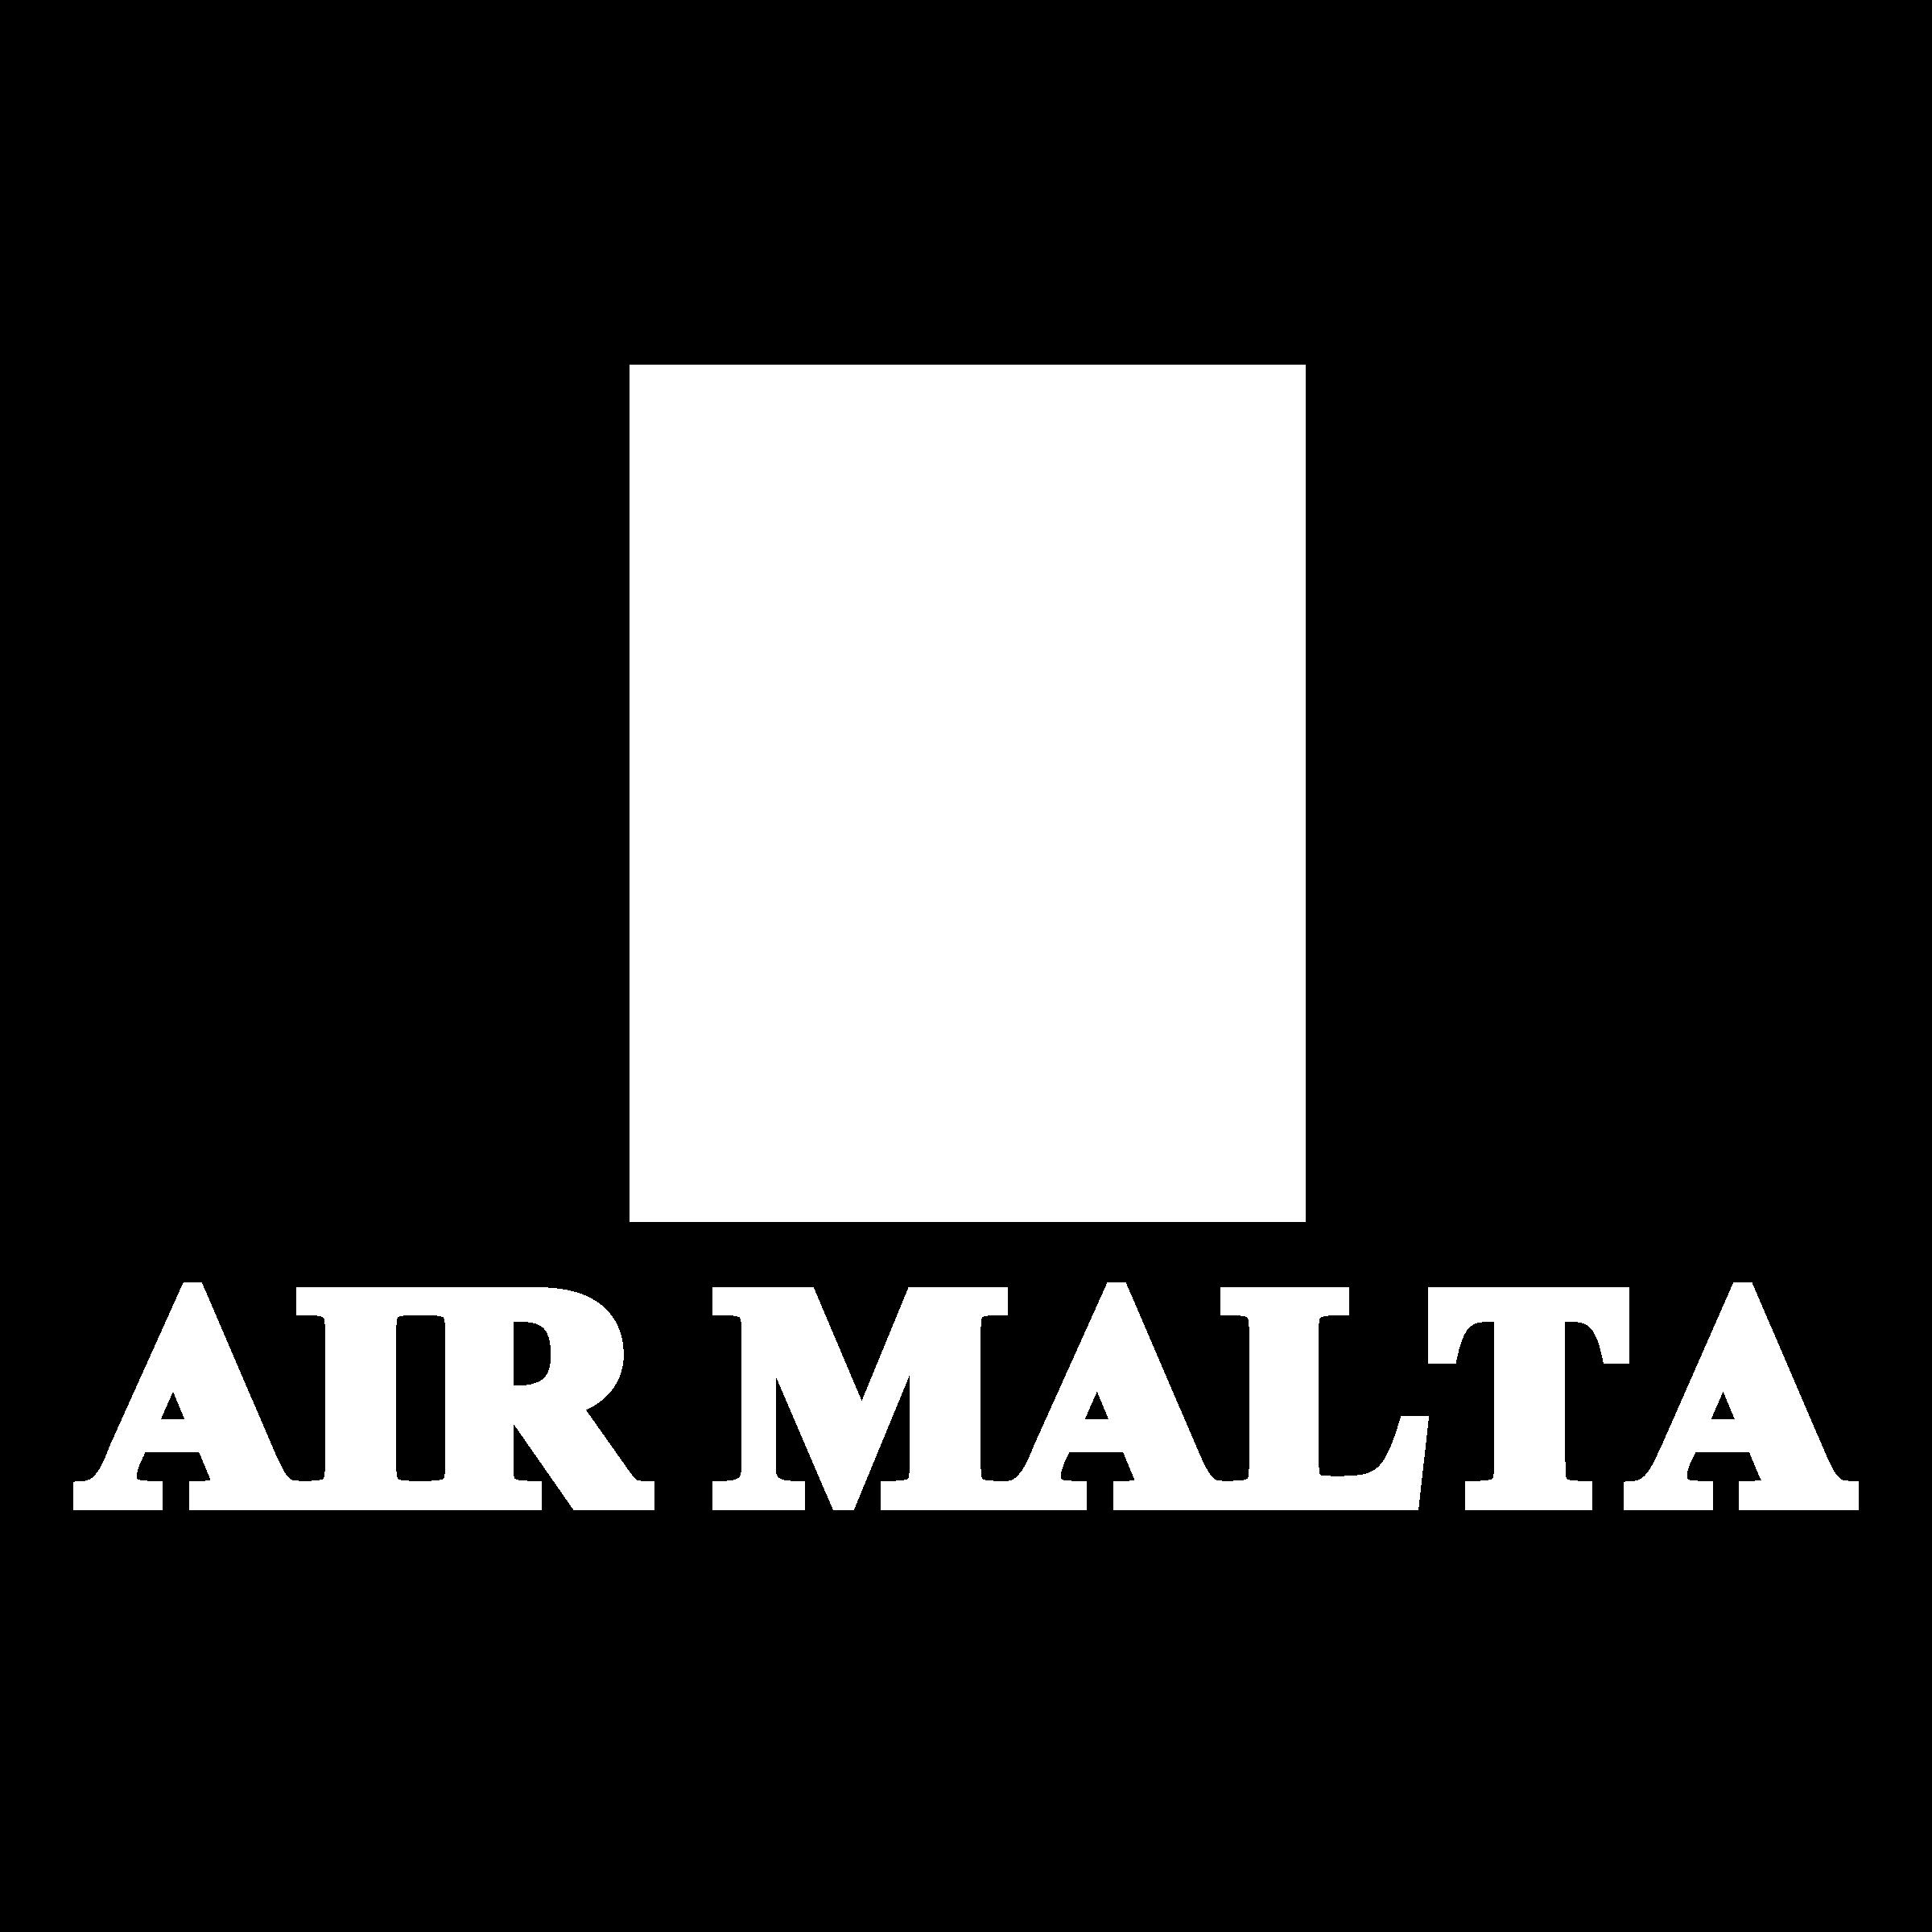 Air Malta 01 Logo PNG Transparent & SVG Vector.